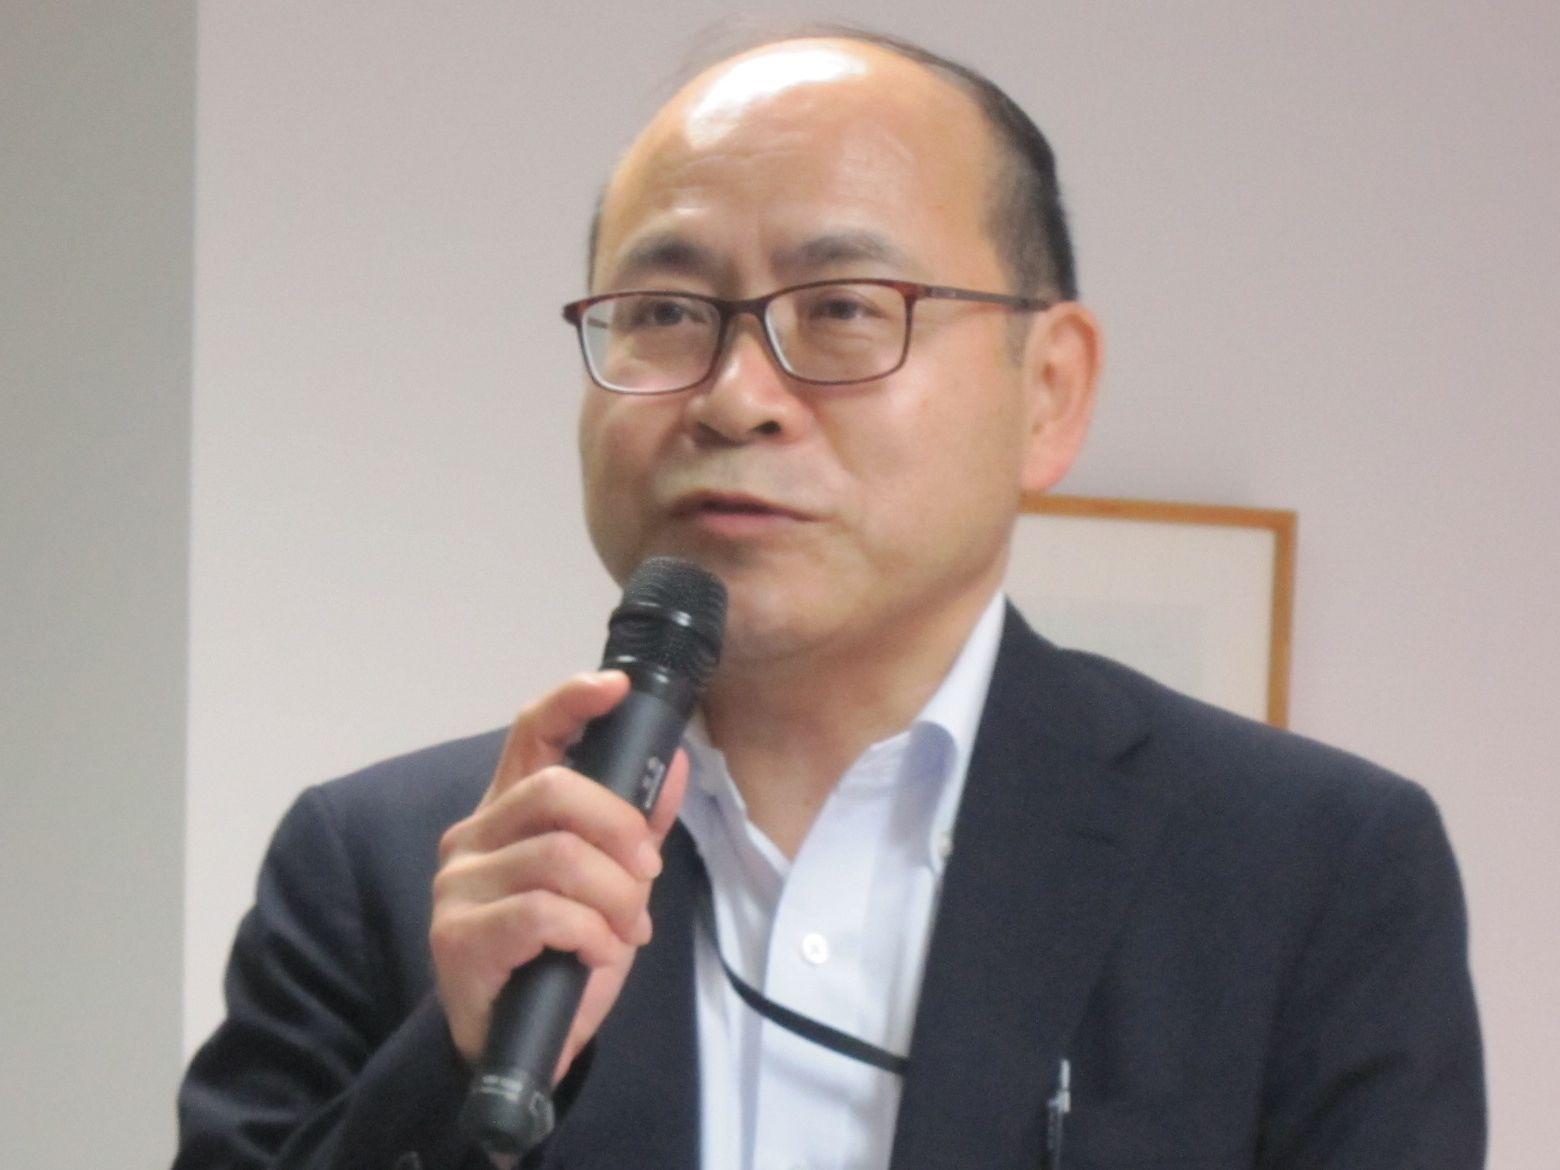 6月30日に開かれた日本慢性期医療協会の通常総会後に講演した、厚生労働省医政局の神田裕二局長